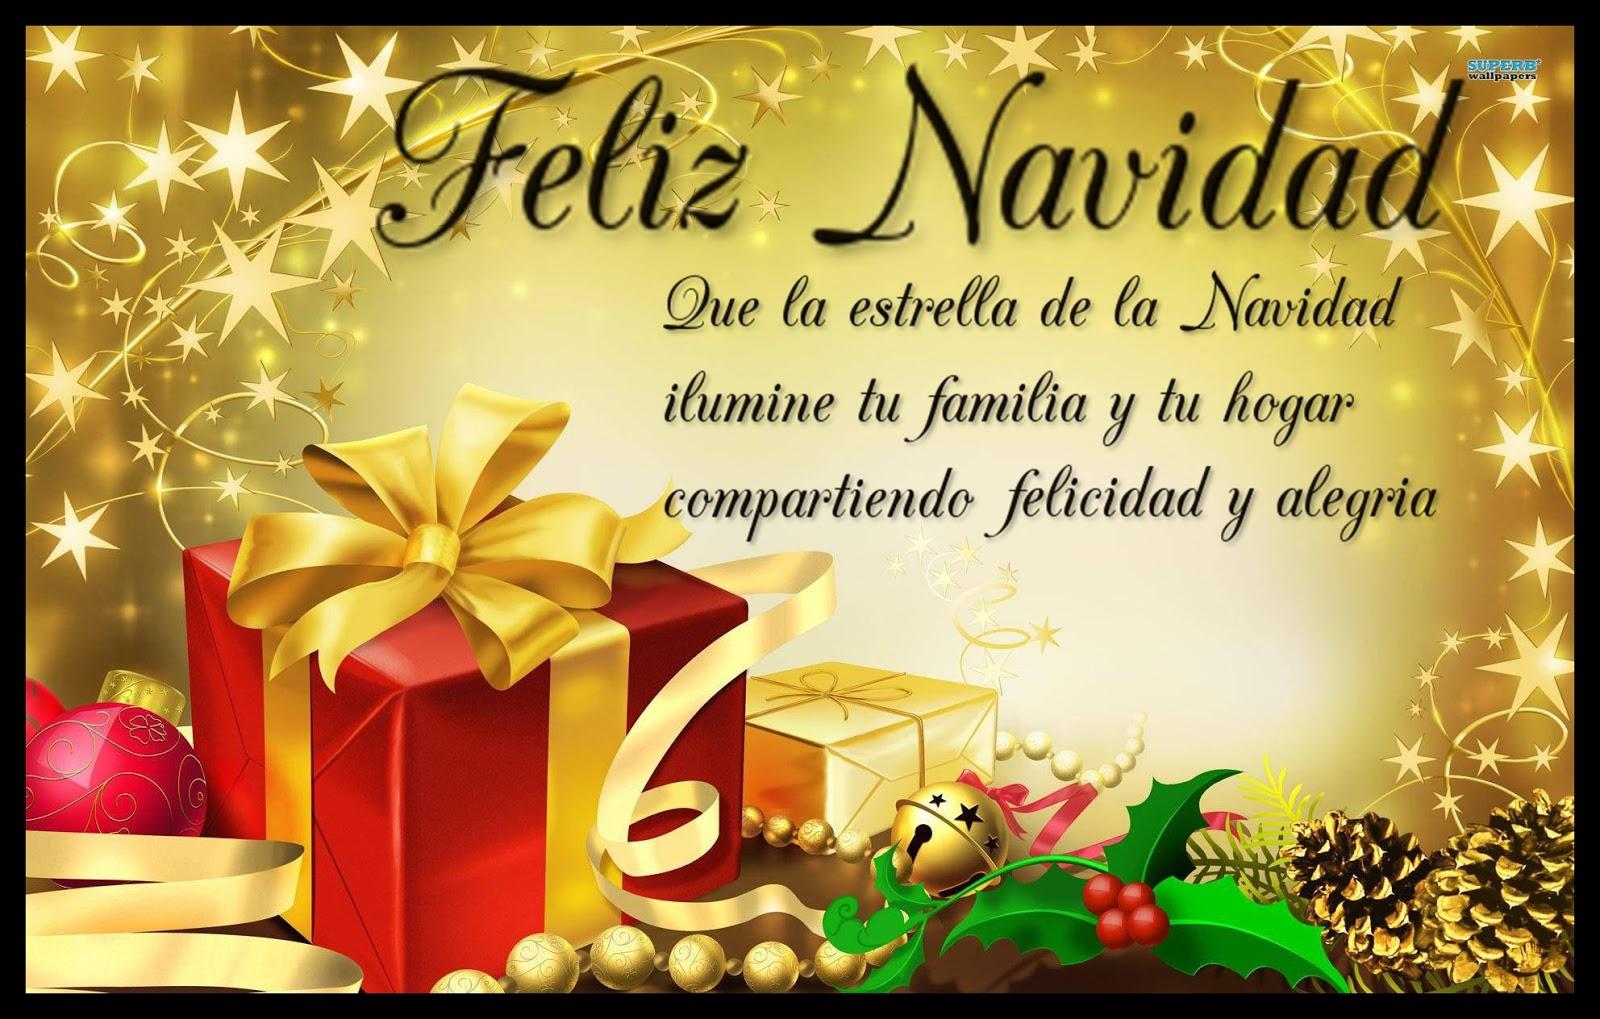 Tarjetas de feliz navidad 2015 - Deseos de feliz navidad ...